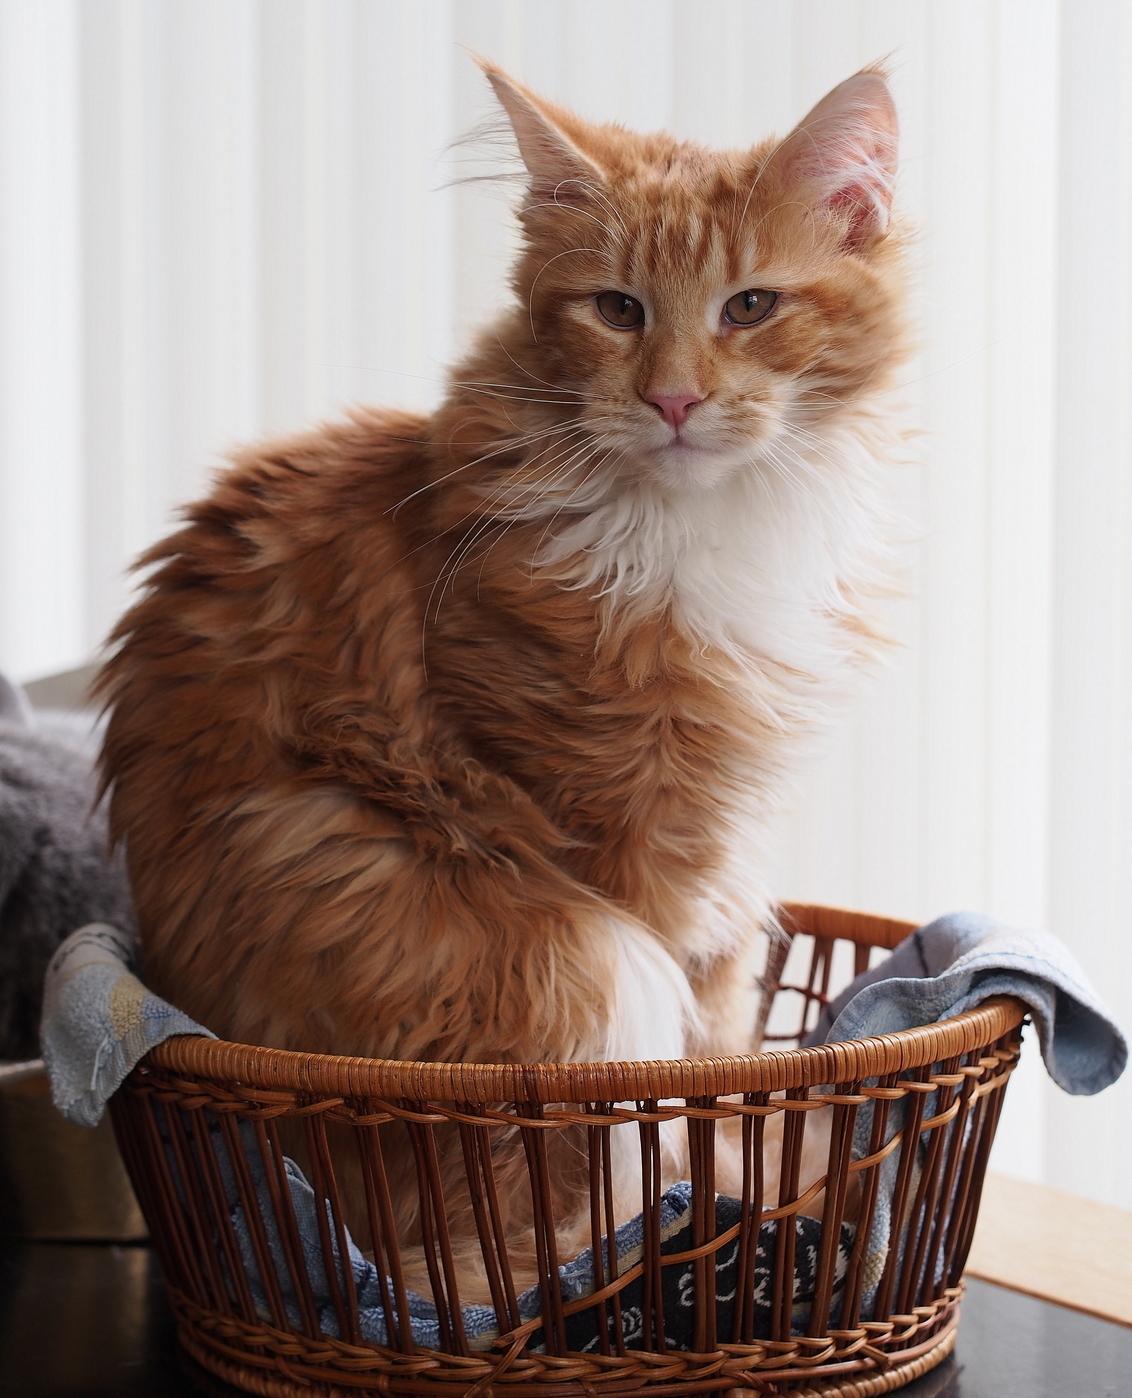 Kleine Knor.... - Bijdehand....lief ..Vince, Net wakker ...nog in zijn bedje - foto door pietsnoeier op 07-01-2016 - deze foto bevat: kitten, natuur, dieren, kat, vince, mainecoon